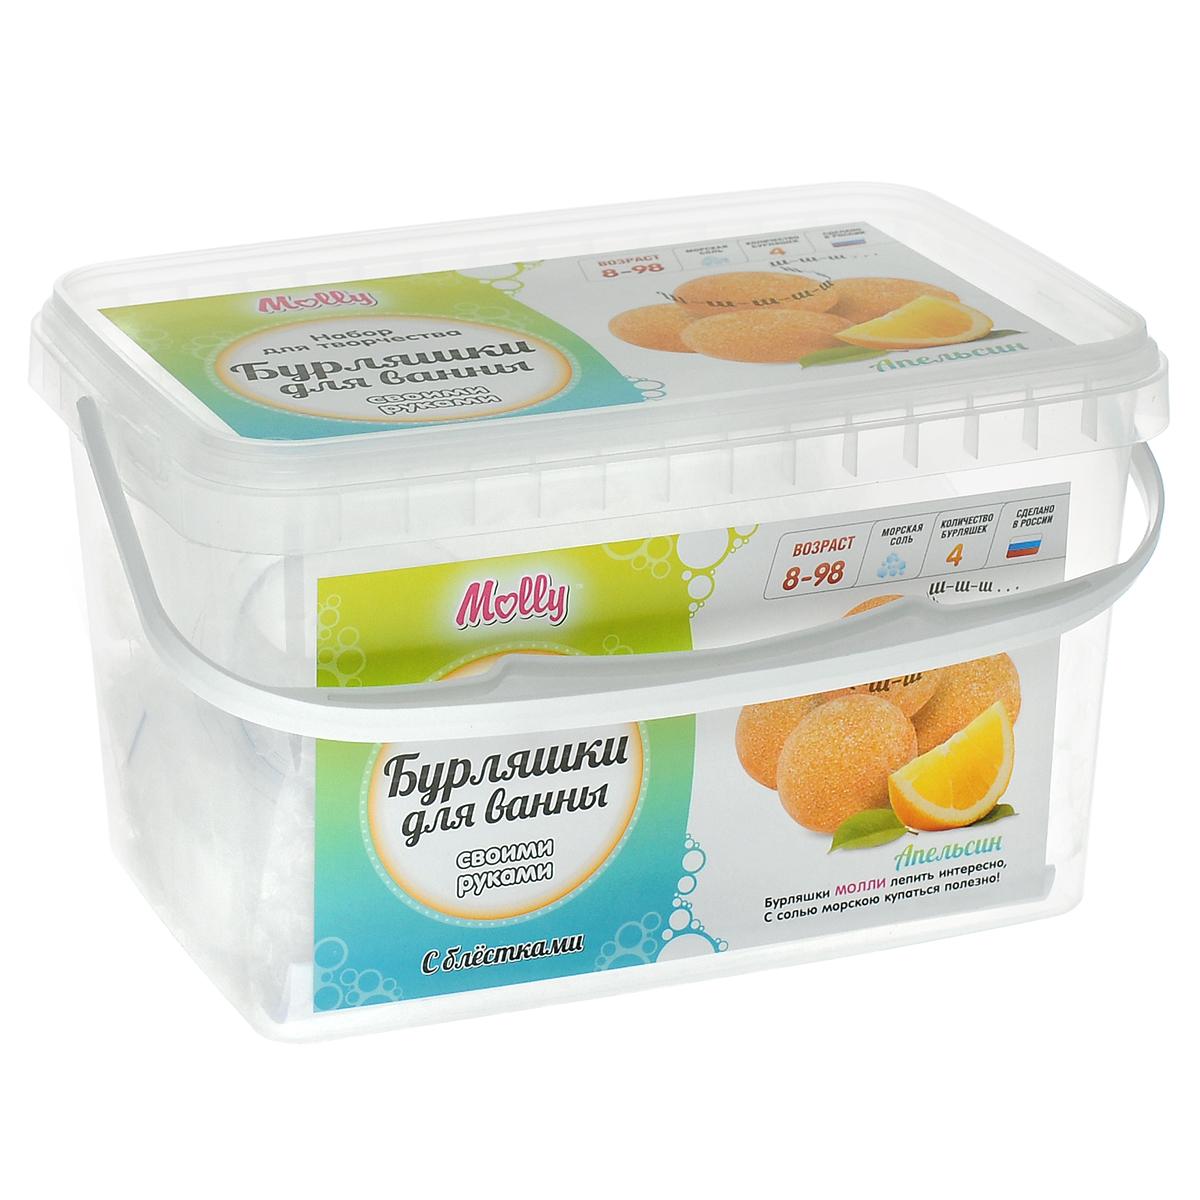 Набор для изготовления бурляшек для ванн Molly АпельсинНБ-005С помощью набора для изготовления бурляшек (бомбочек) для ванн Molly Апельсин ваш ребенок самостоятельно сможет сделать косметическое средство, которое пригодится не только ему, но и взрослым. В нем есть все необходимое для изготовления четырех бурляшек: сода, лимонная кислота, морская соль, краситель, ароматизатор, блестки, форма для бурляшек, перчатки и инструкция на русском языке. Увлекательный процесс изготовления бурляшек для ванн поможет ребенку провести время с пользой и удовольствием. Это косметическое средство, изготовленное своими руками, послужит великолепным подарком для друзей и близких или наполнит чудесным ароматом апельсина ванную комнату.